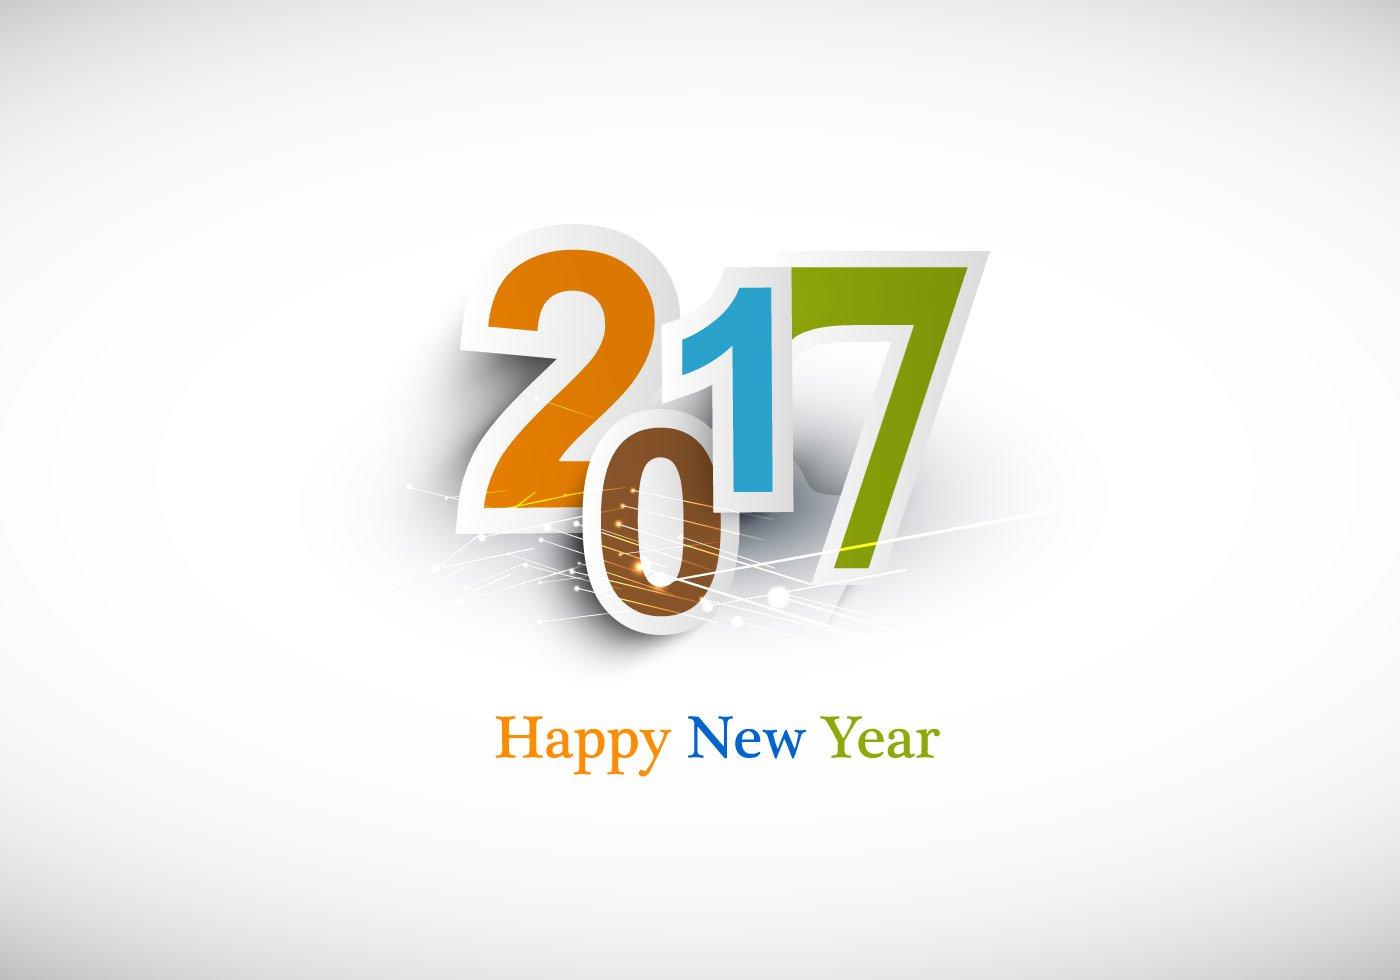 Happy new year 2017 Logos.